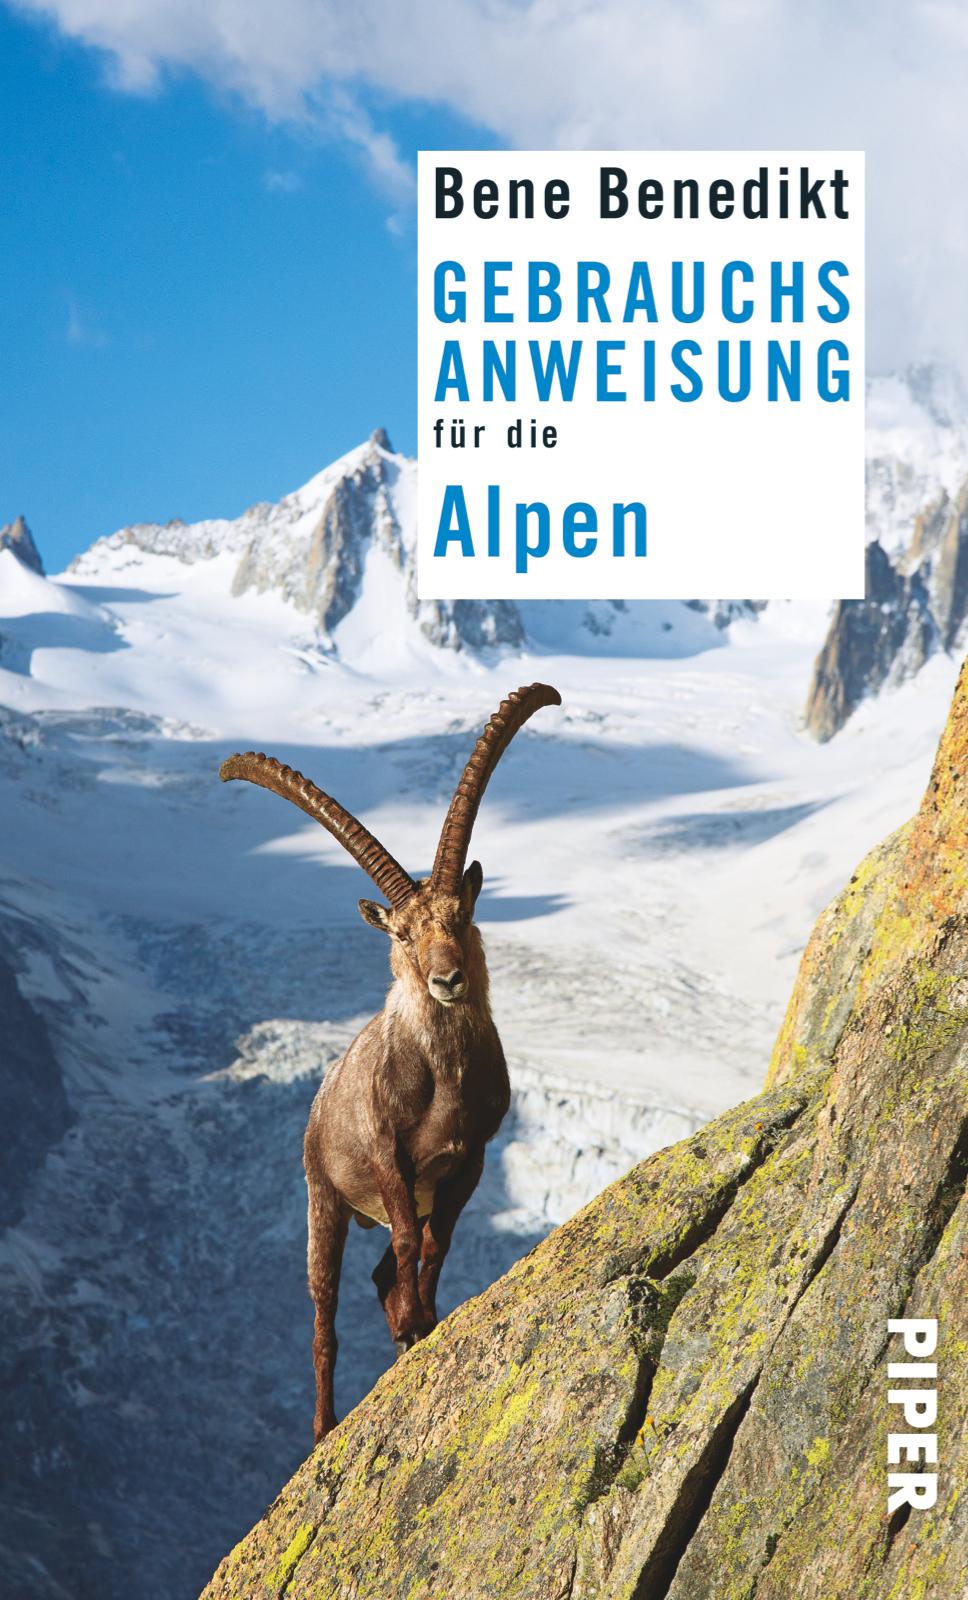 Bene Benedikt | Lesung: Gebrauchsanweisung für die Alpen